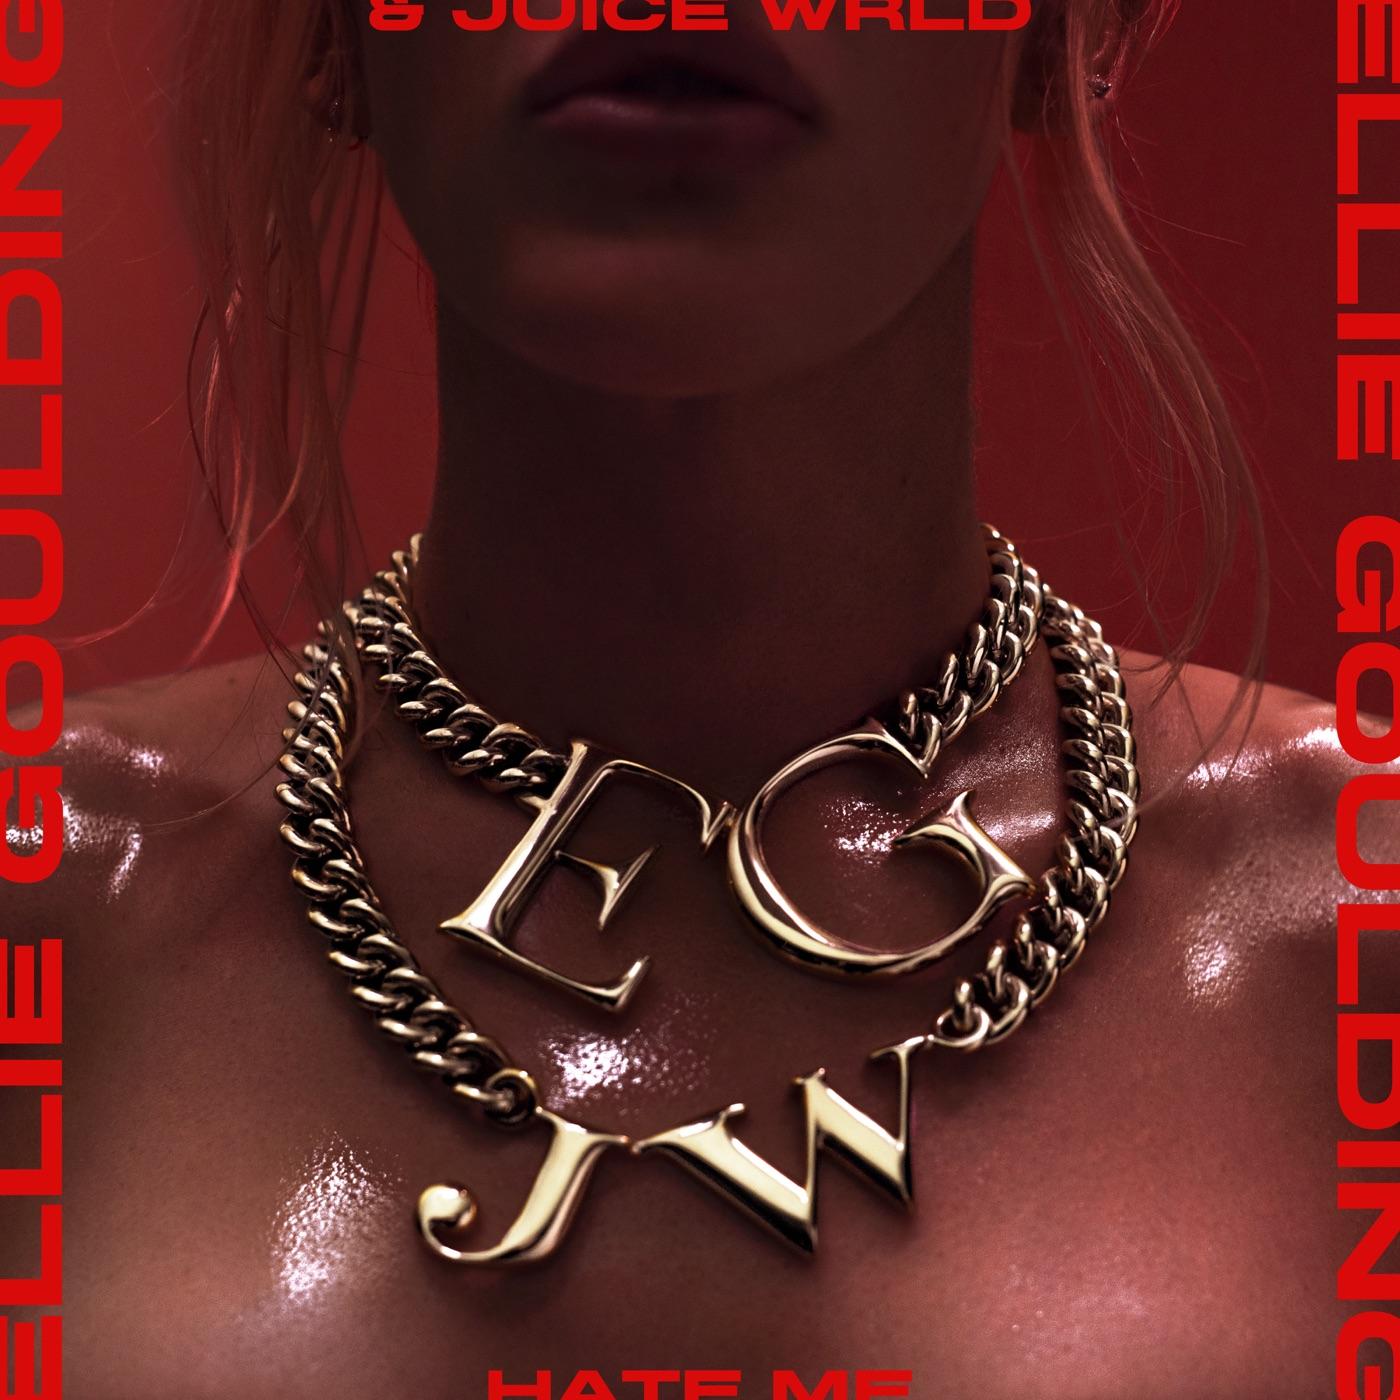 Ellie Goulding Juice Wrld: Download: Ellie Goulding & Juice WRLD